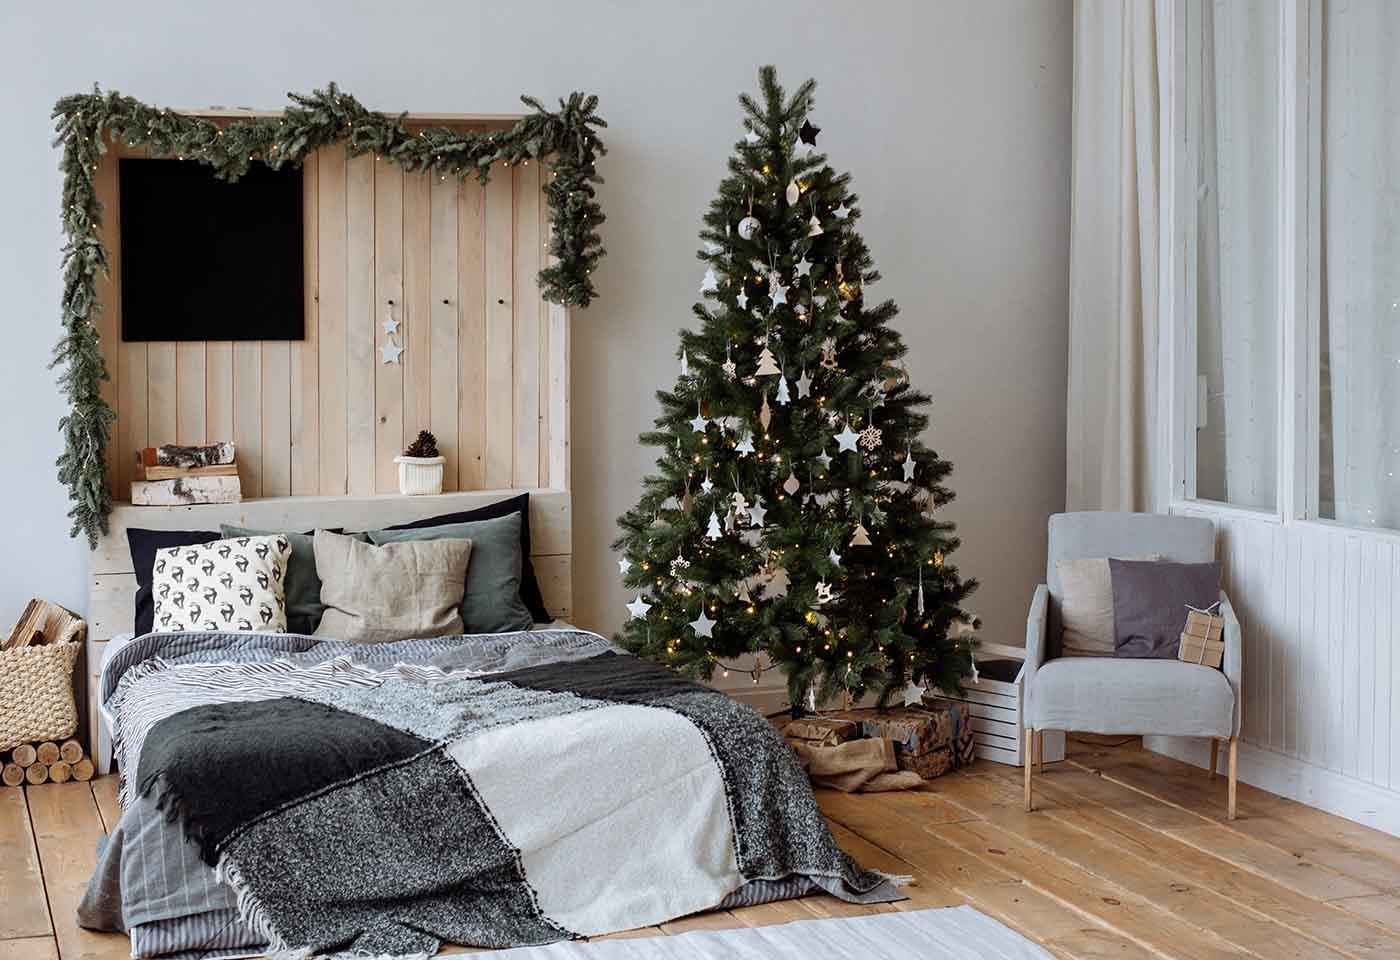 Decorazioni Natalizie Per La Camera decorazioni natalizie: come sceglierle